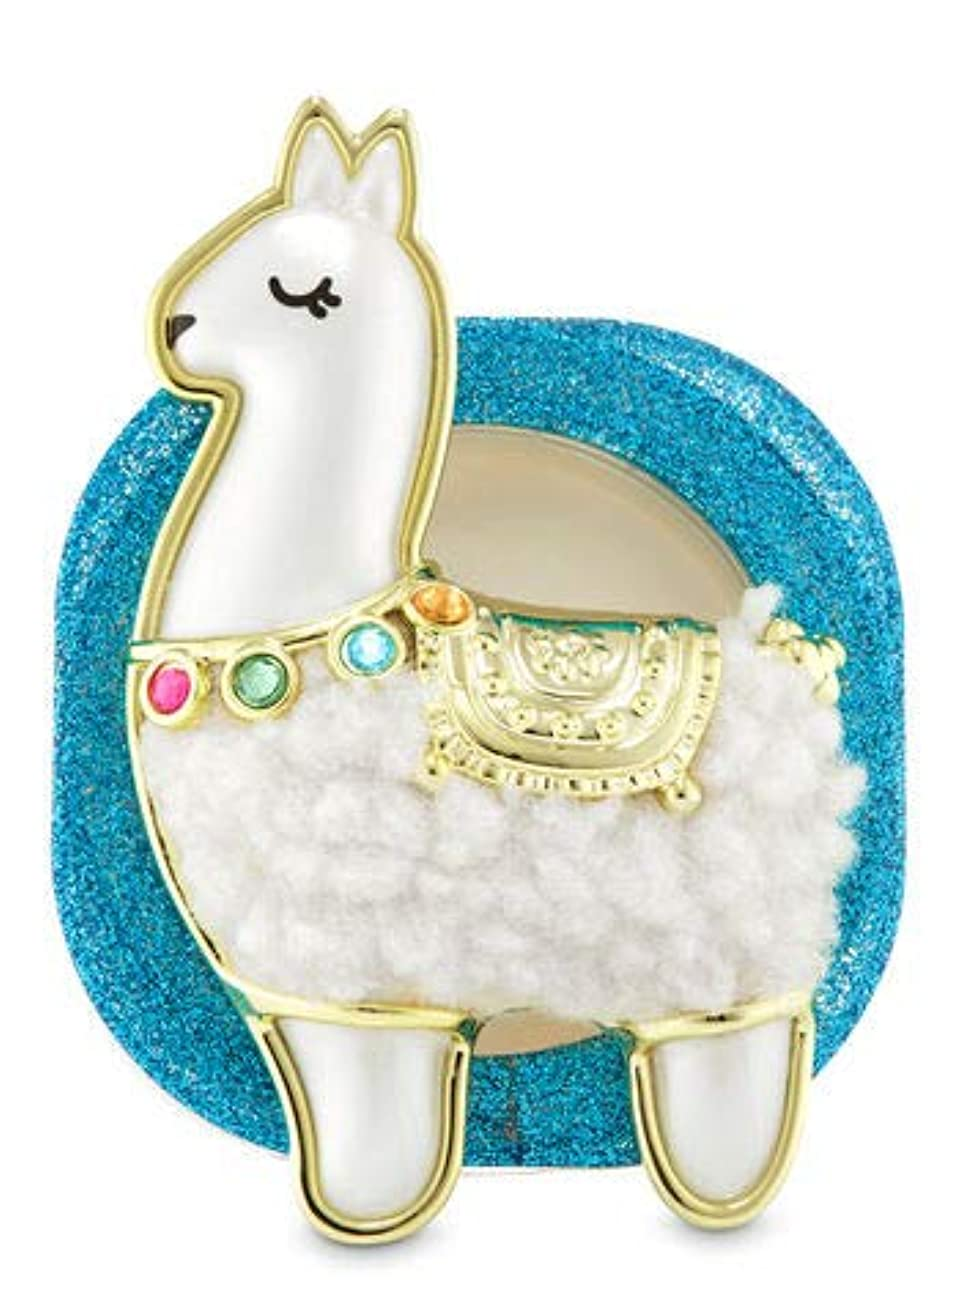 ペニーバーゲン嘆く【Bath&Body Works/バス&ボディワークス】 クリップ式芳香剤 セントポータブル ホルダー (本体ケースのみ) ラマ Scentportable Holder Llama [並行輸入品]